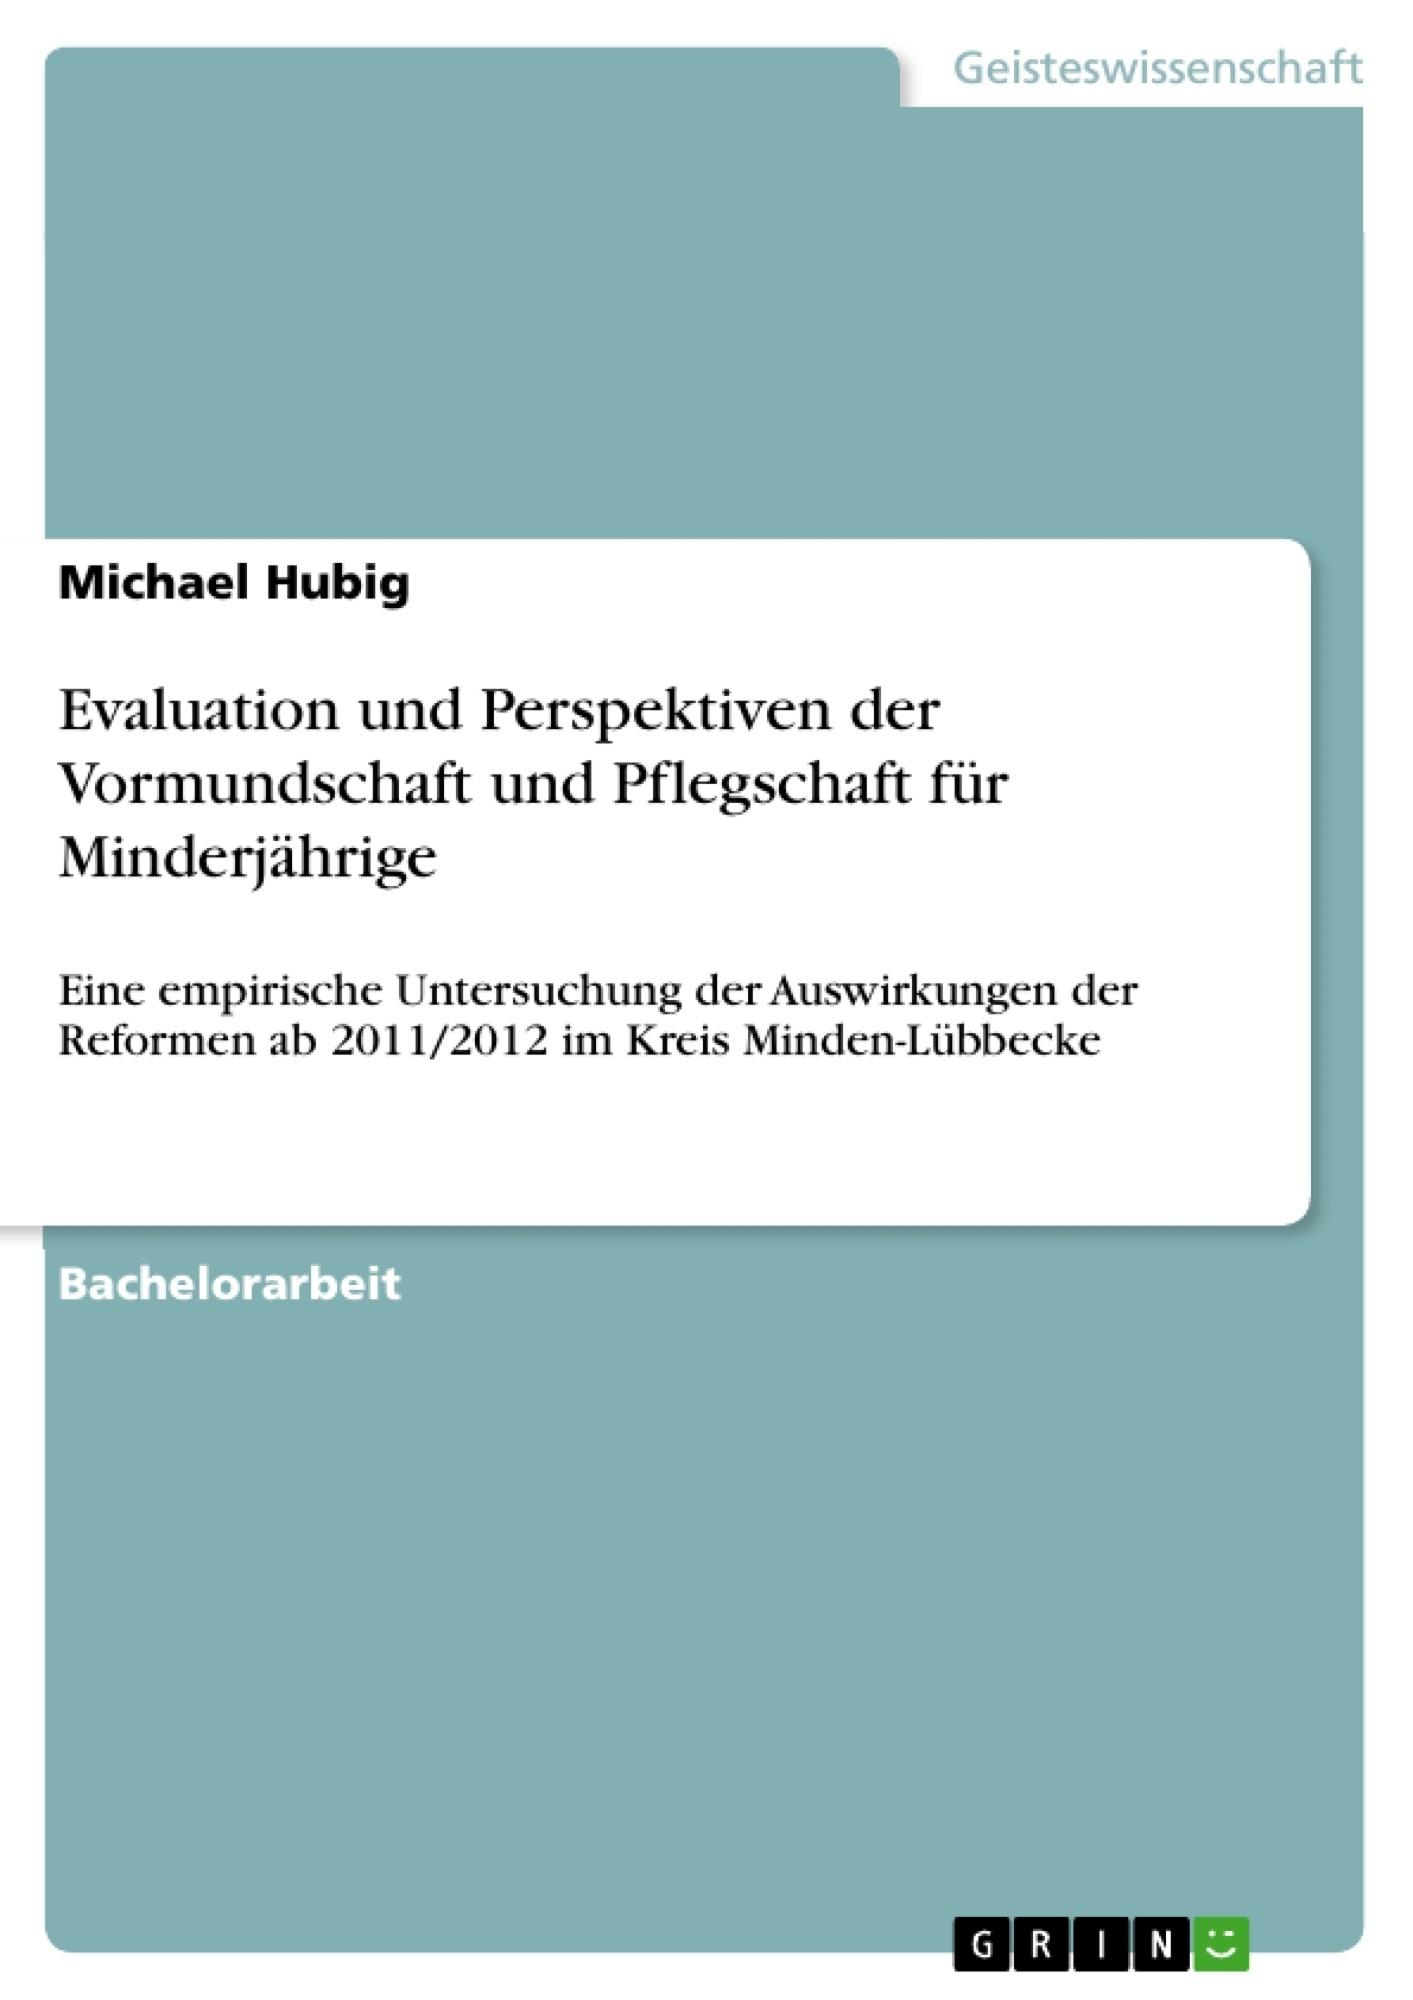 Title: Evaluation und Perspektiven der Vormundschaft und Pflegschaft für Minderjährige